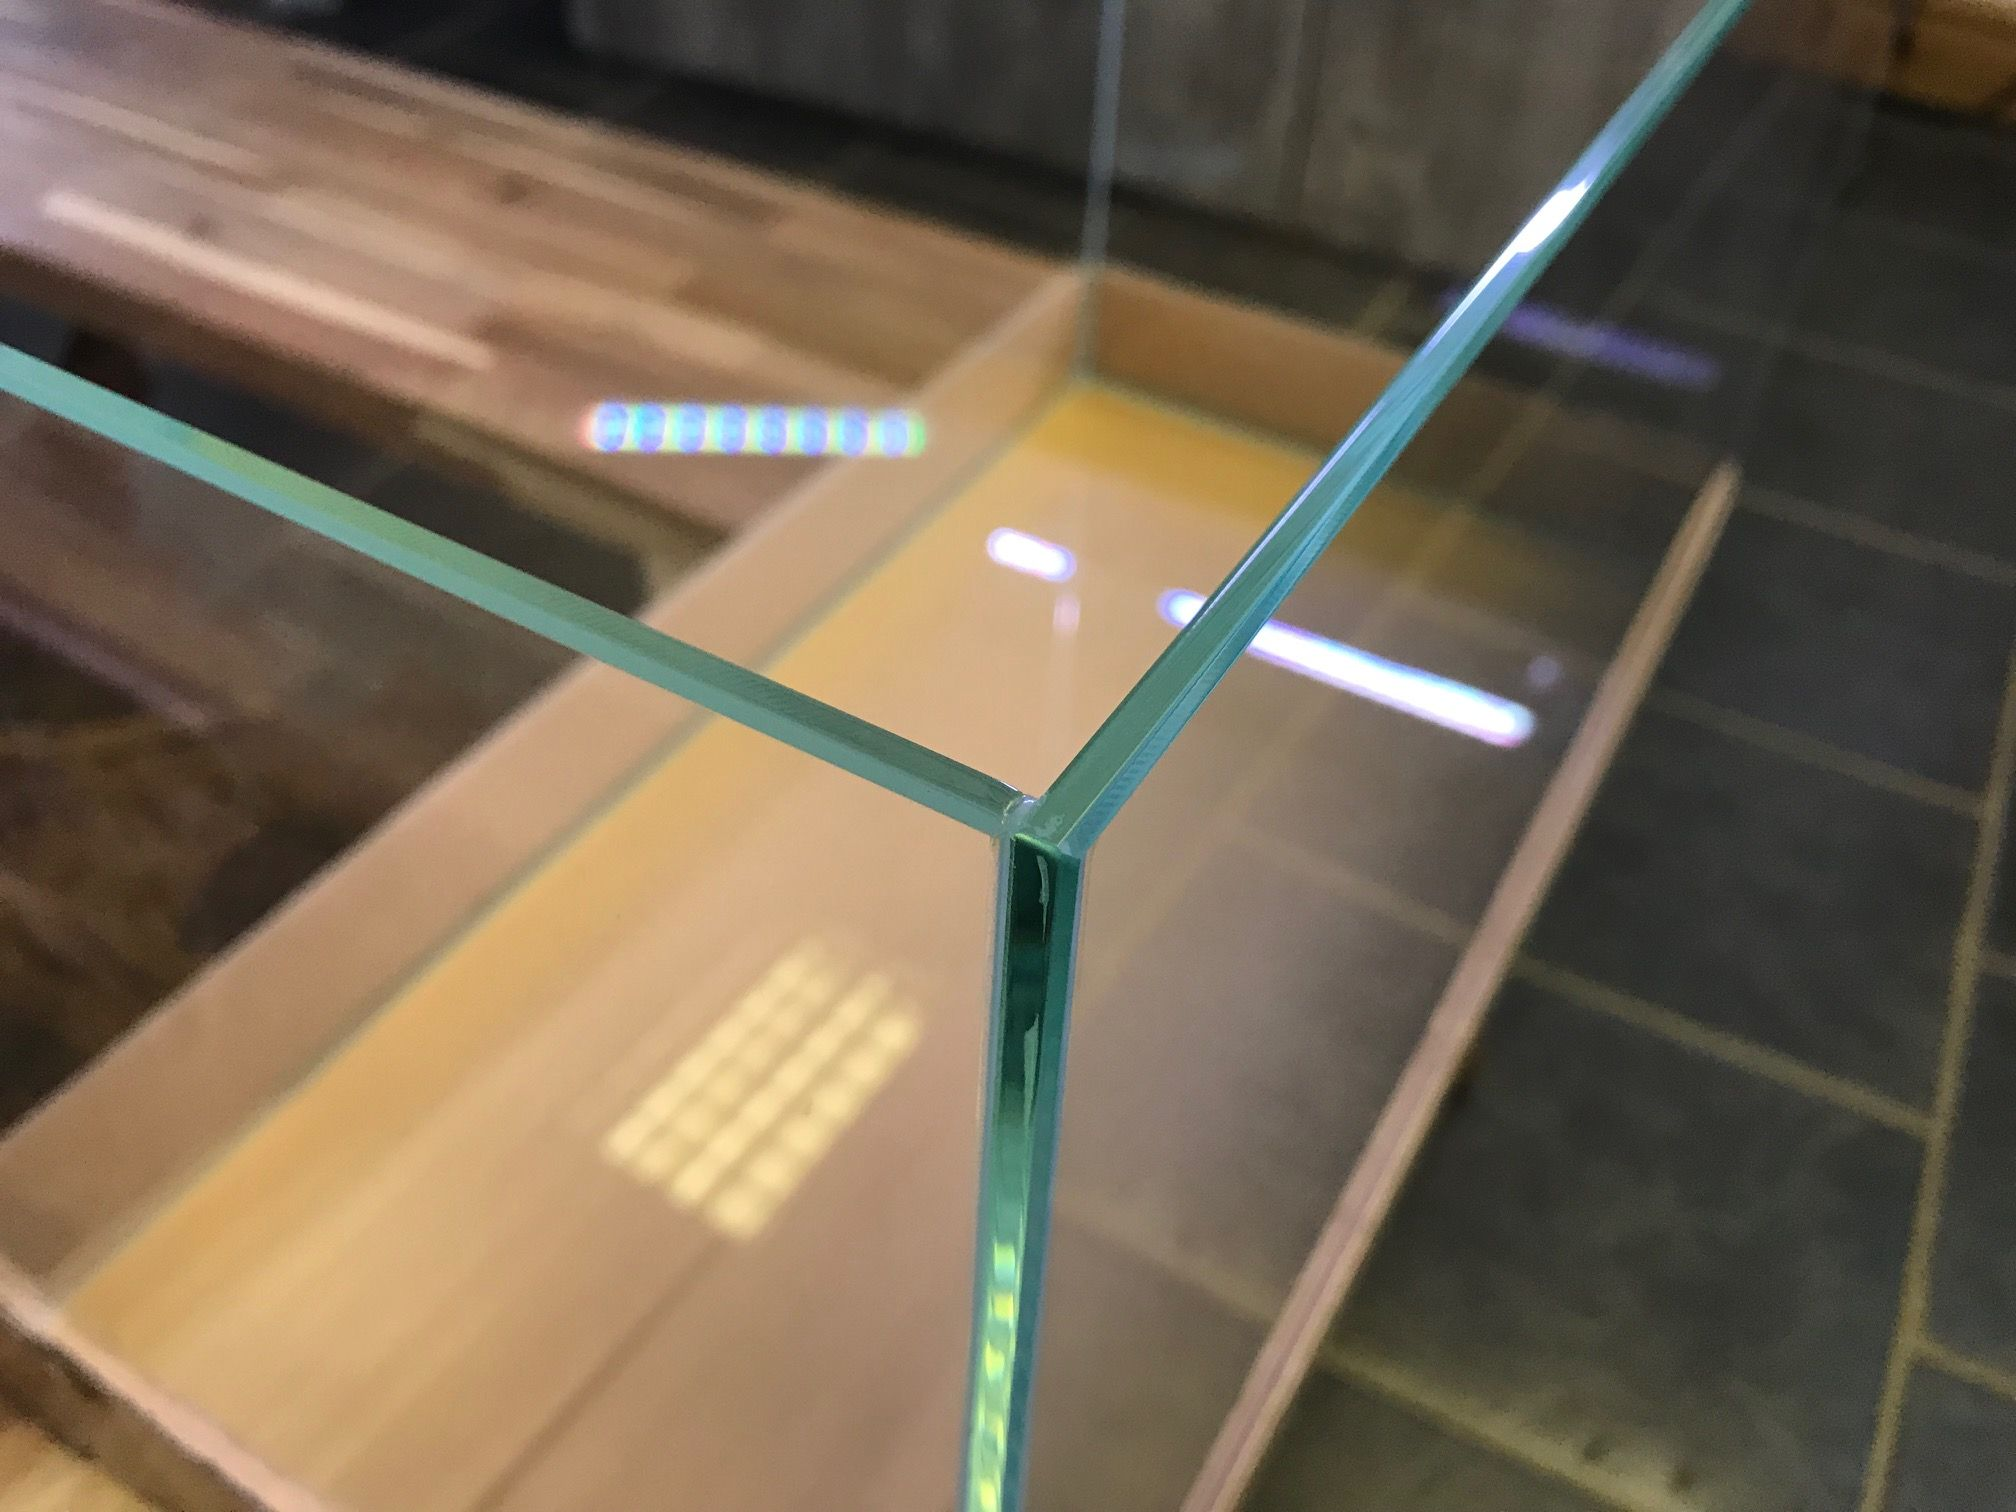 hite-36-by-ag-glass-aquarium-36x22x26cm-[3]-3387-p.jpg